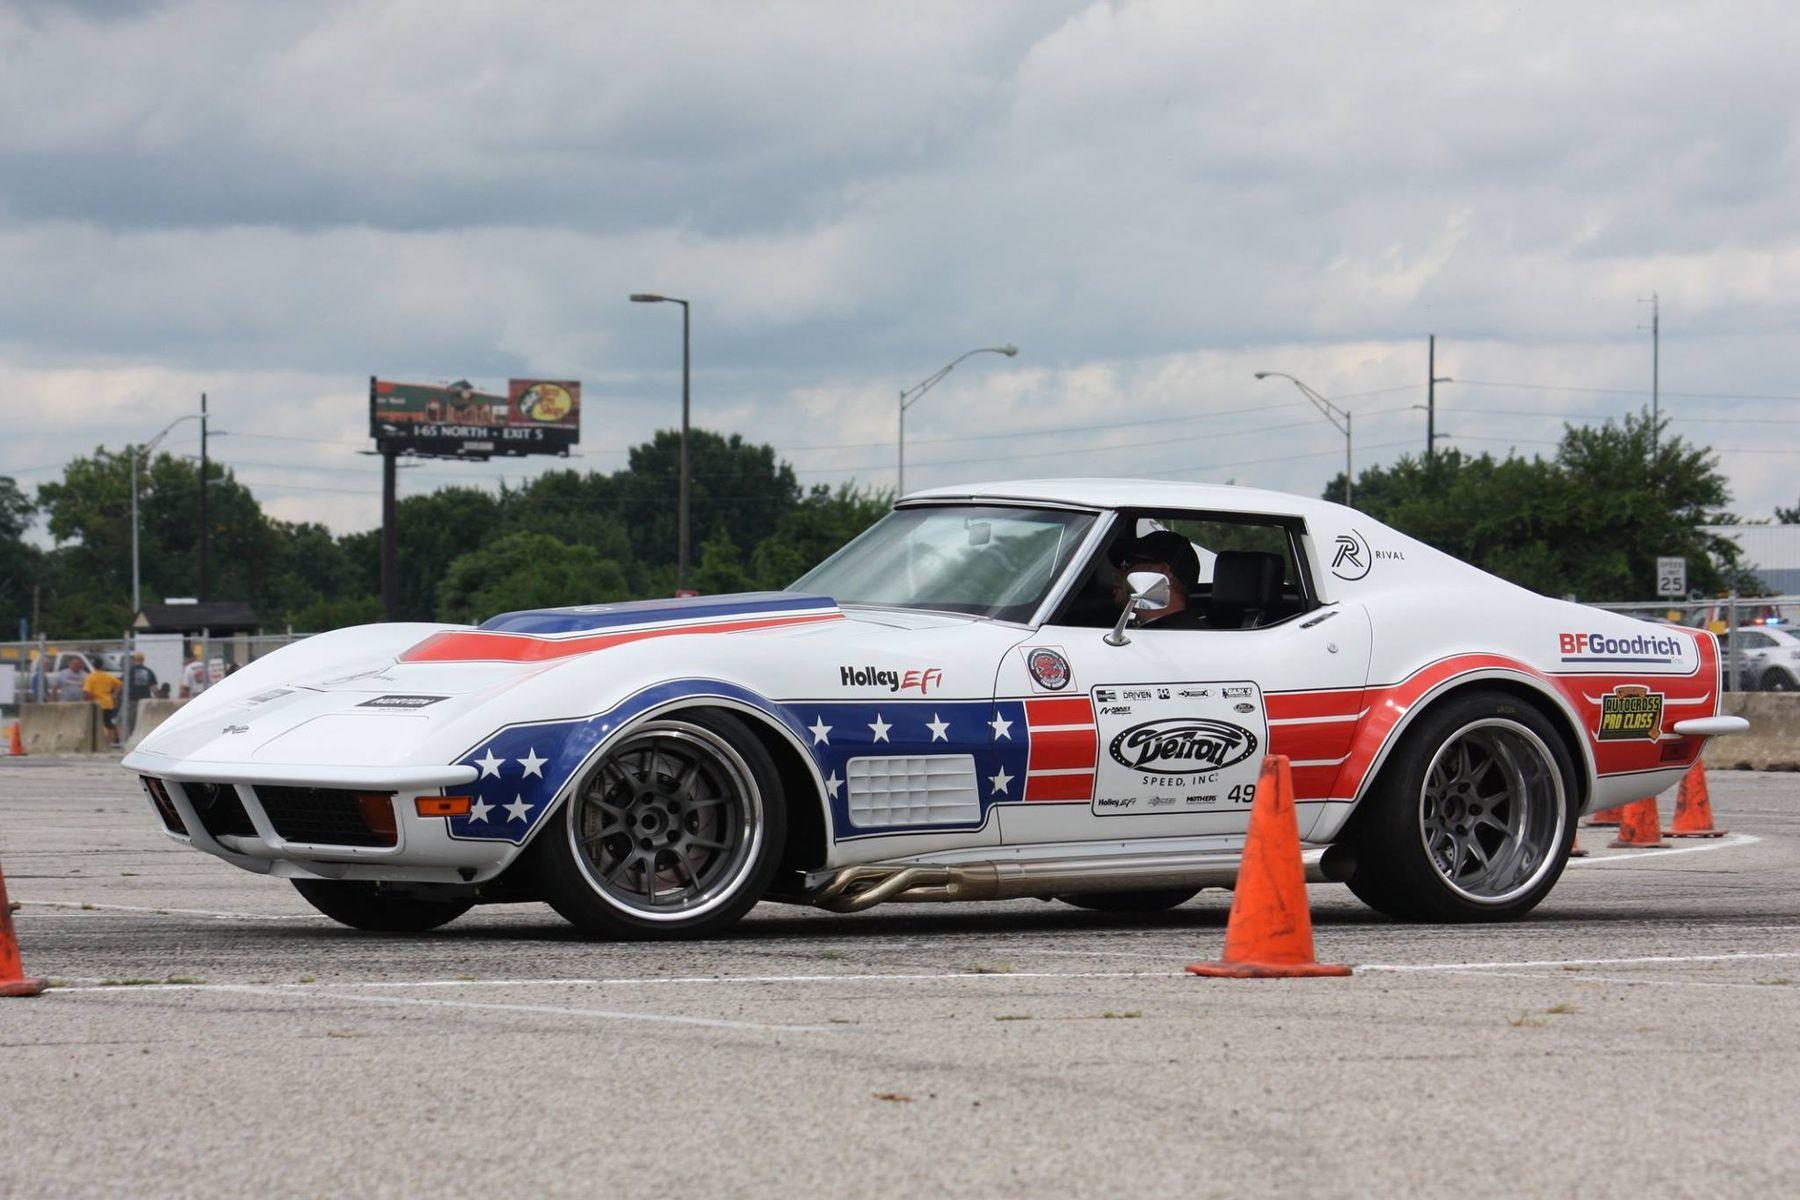 1972 Chevrolet Corvette Stingray | Ryan Mathews Wins NSRA Nationals Autocross in the Detroit Speed C3 Corvette on Forgeline GA3 Wheels